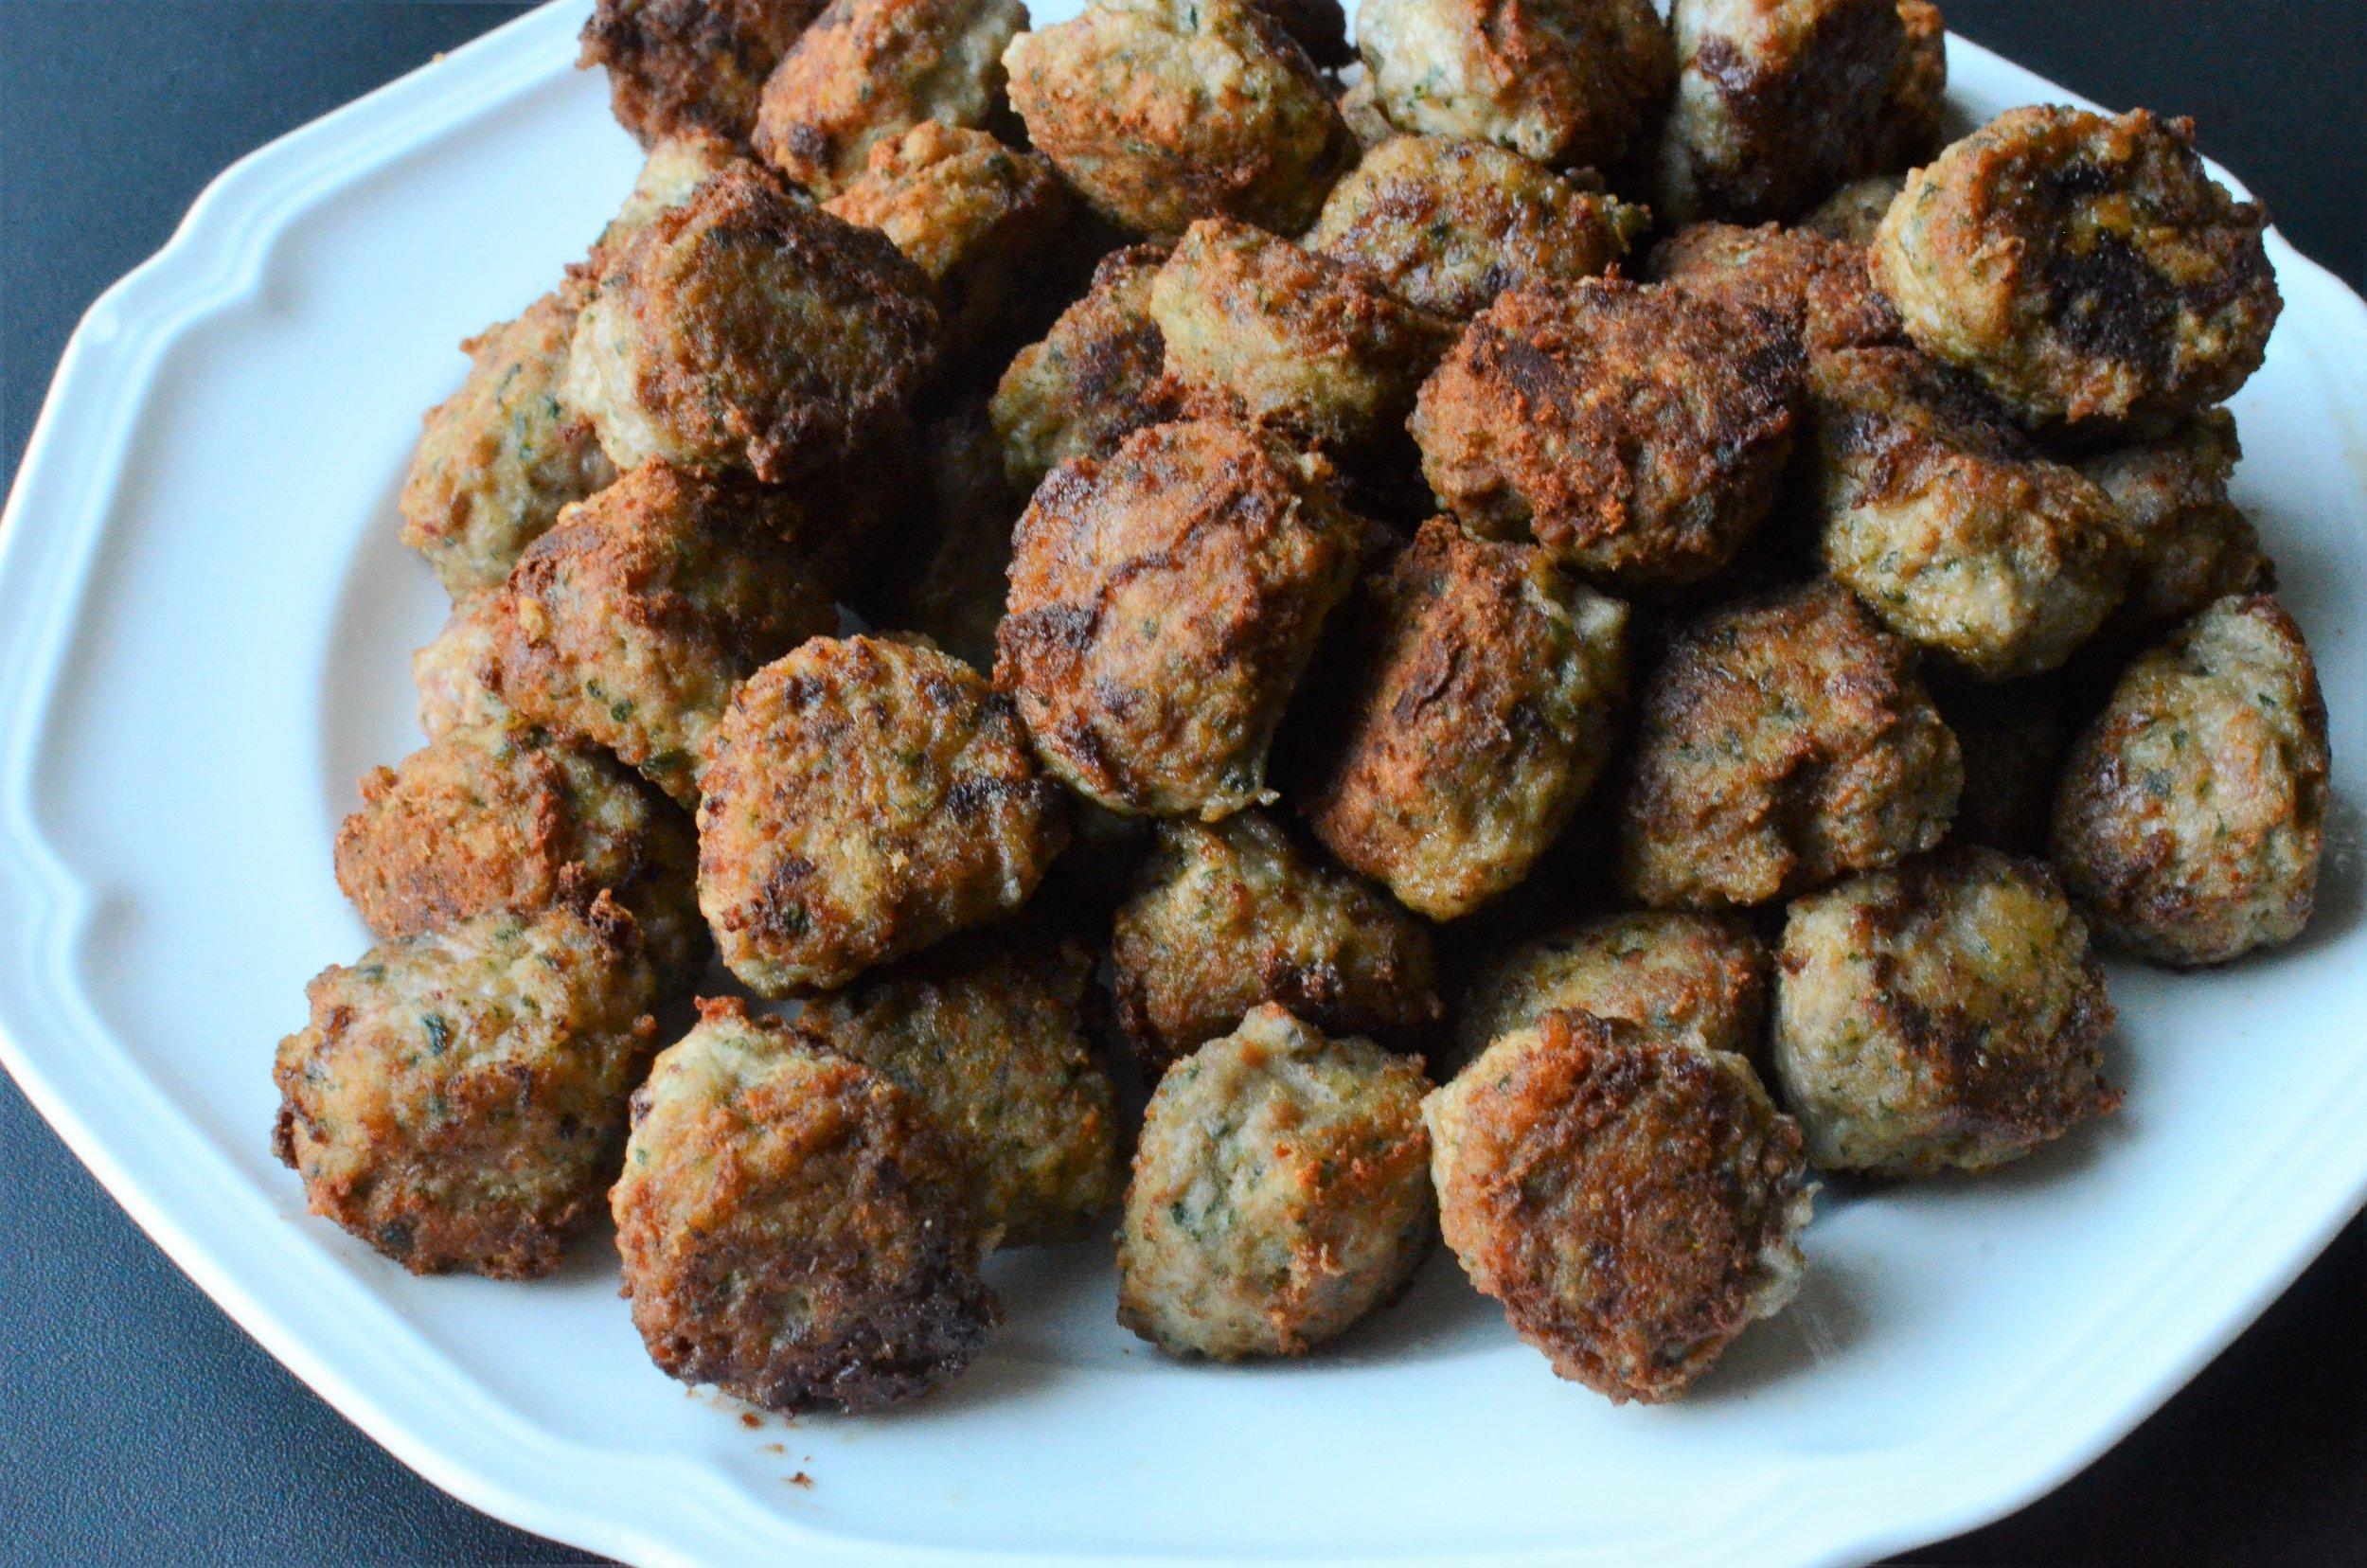 Keto turkey meatball recipe - gluten free meatballs recipe - low-carb turkey meatballs